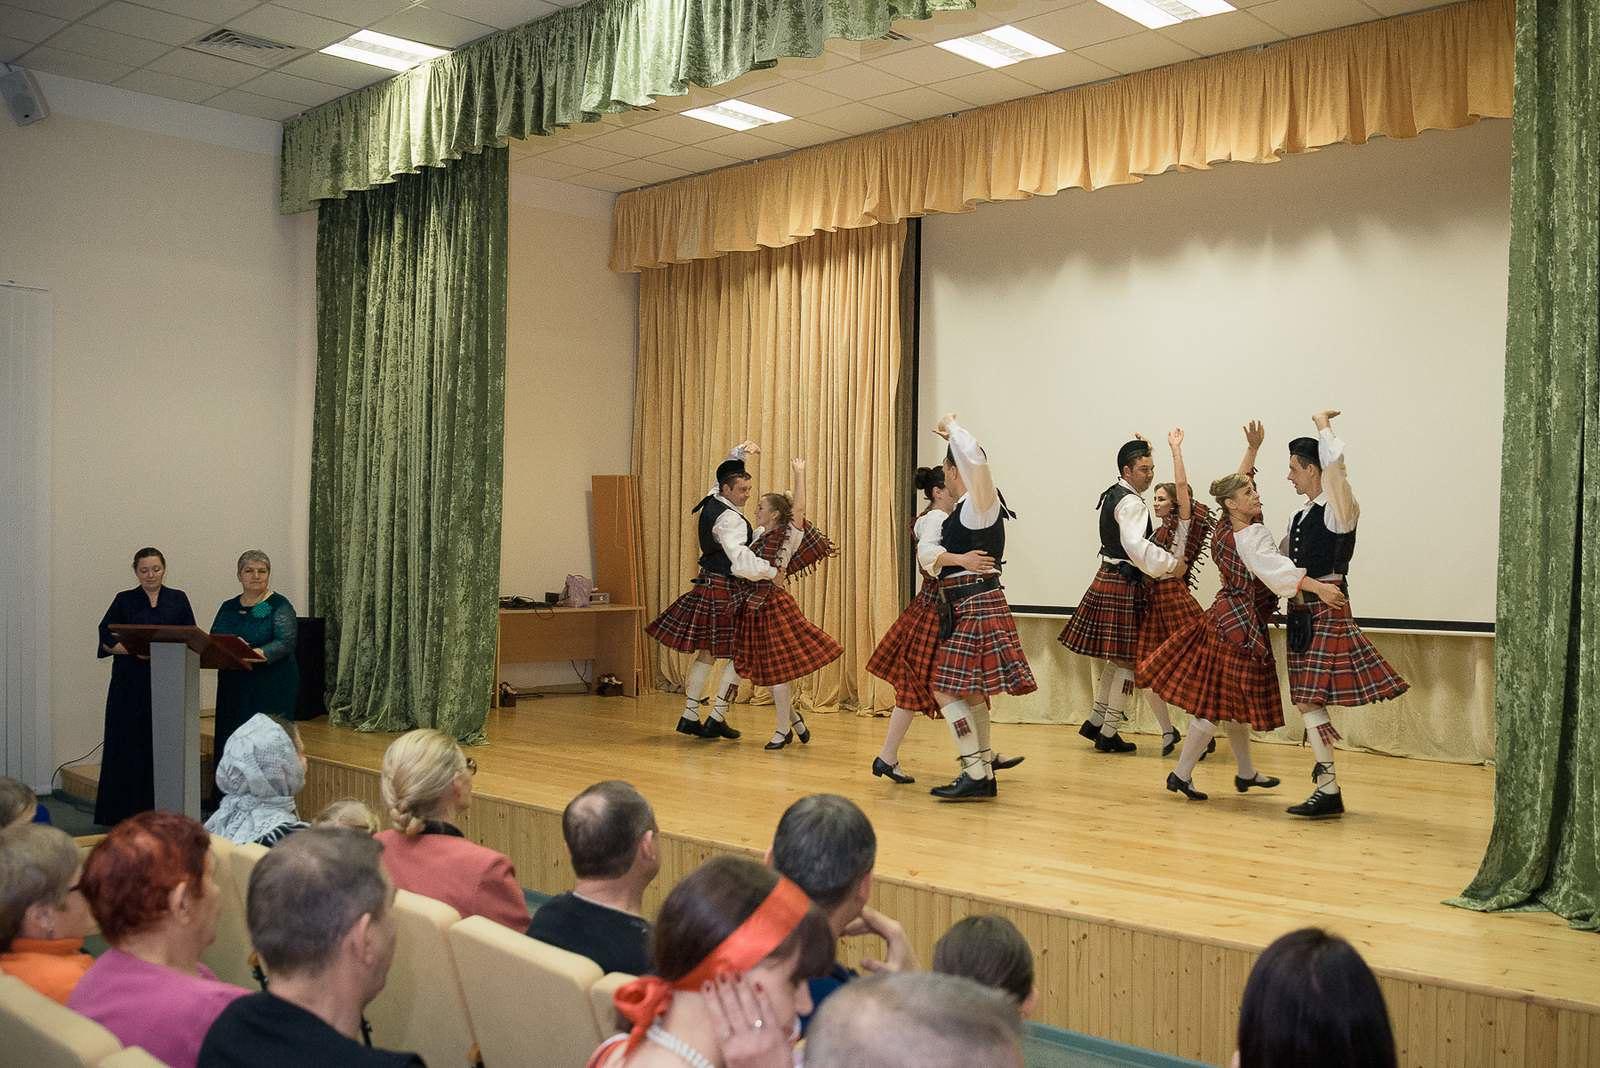 Шотландский танец как дань стране, откуда пришел в Россию основатель рода Лермонтовых